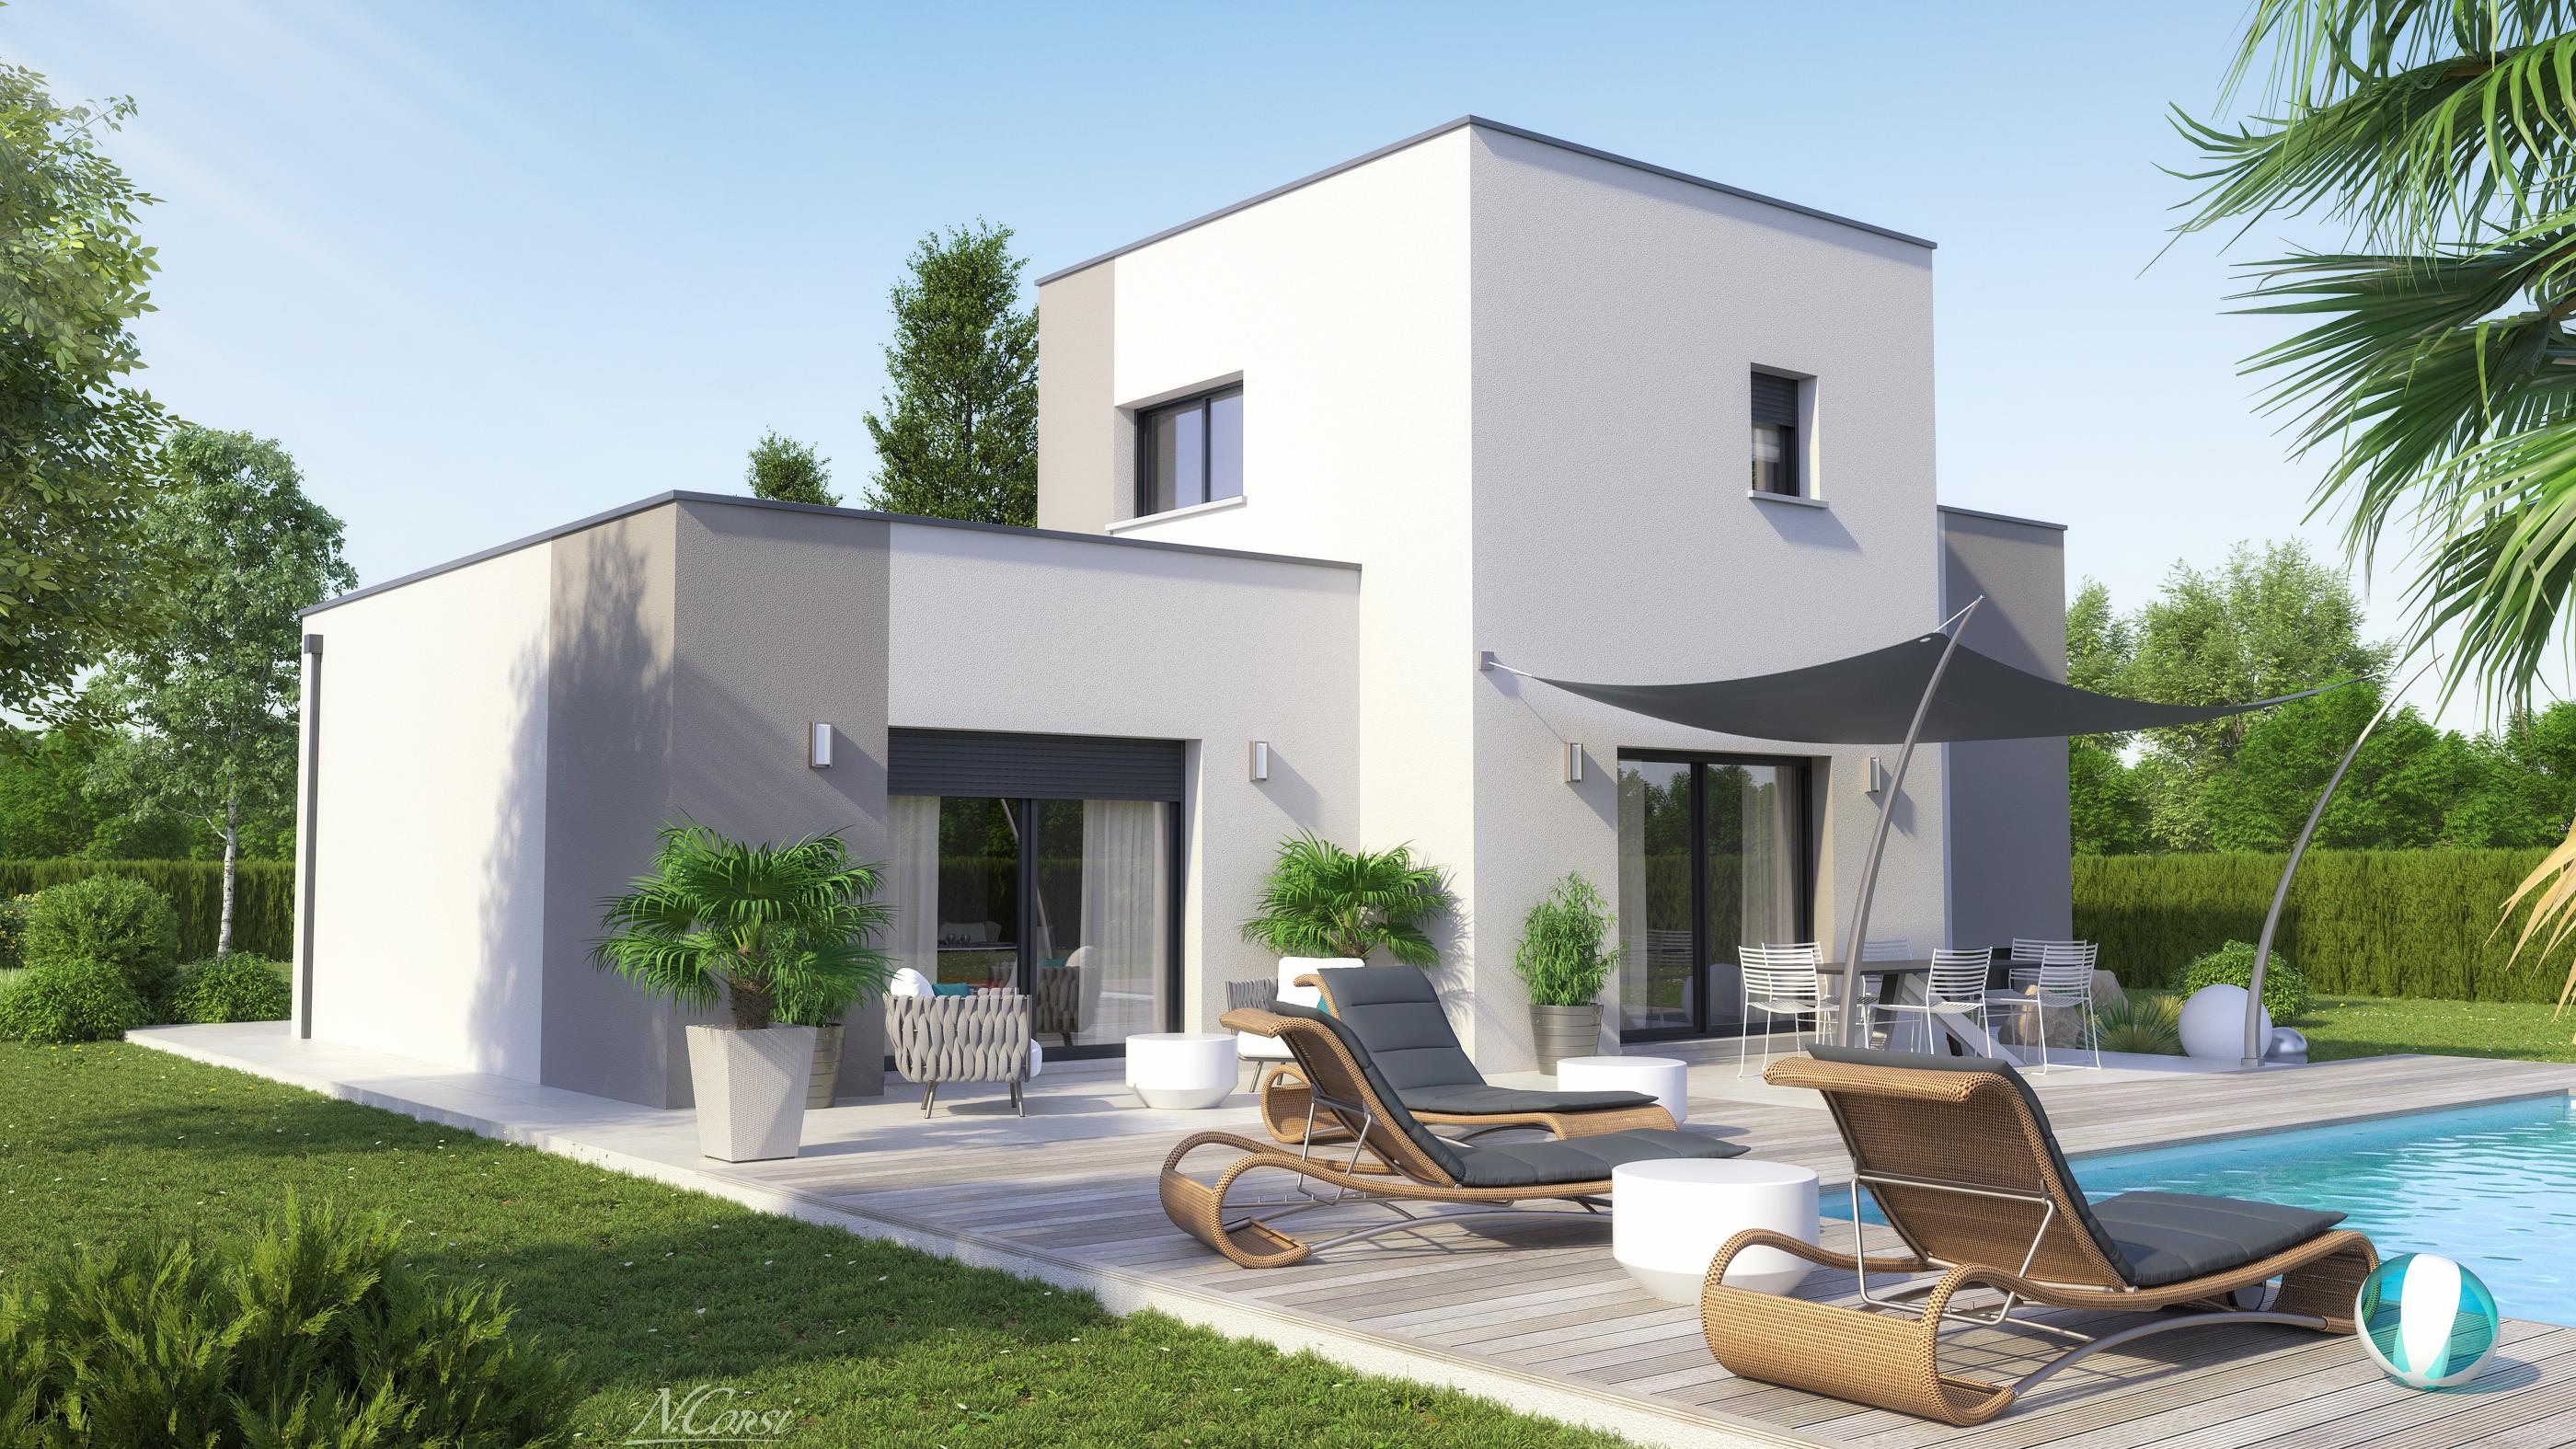 maison moderne toit plat prix elegant pingl par carole cailliez sur modle de maison pinterest. Black Bedroom Furniture Sets. Home Design Ideas